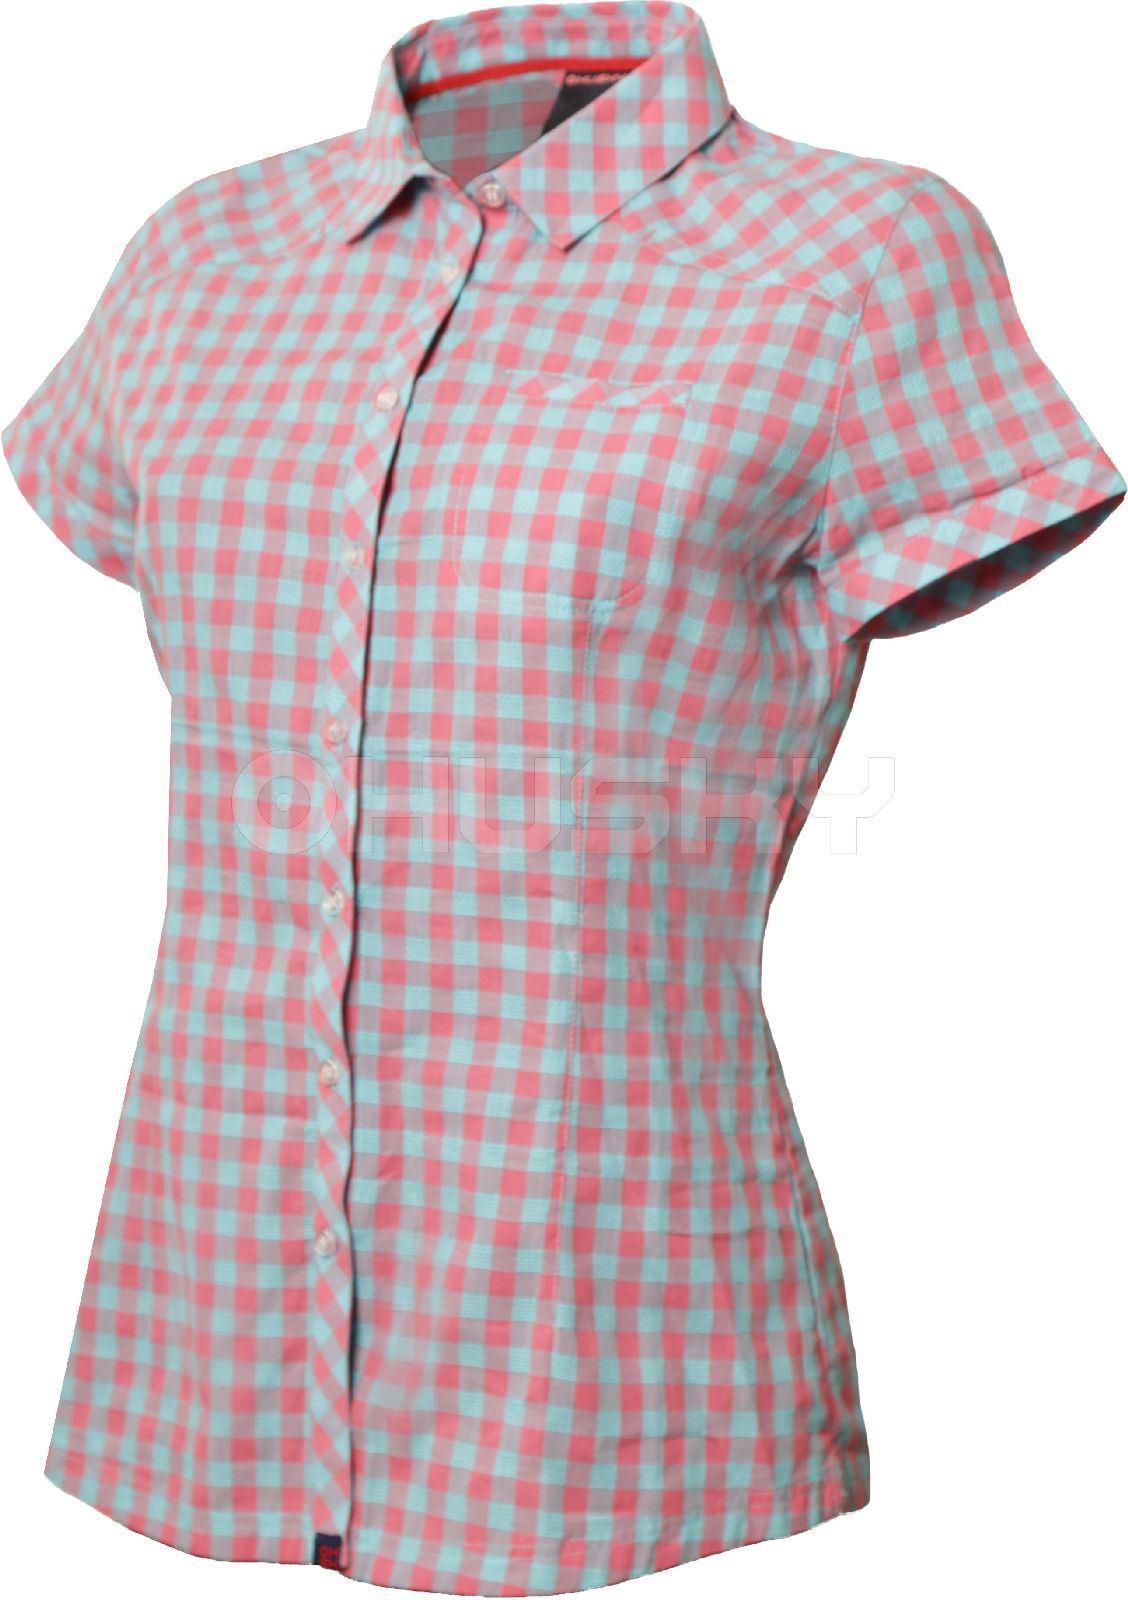 Husky Dámská košile Gvel růžová Velikost: M